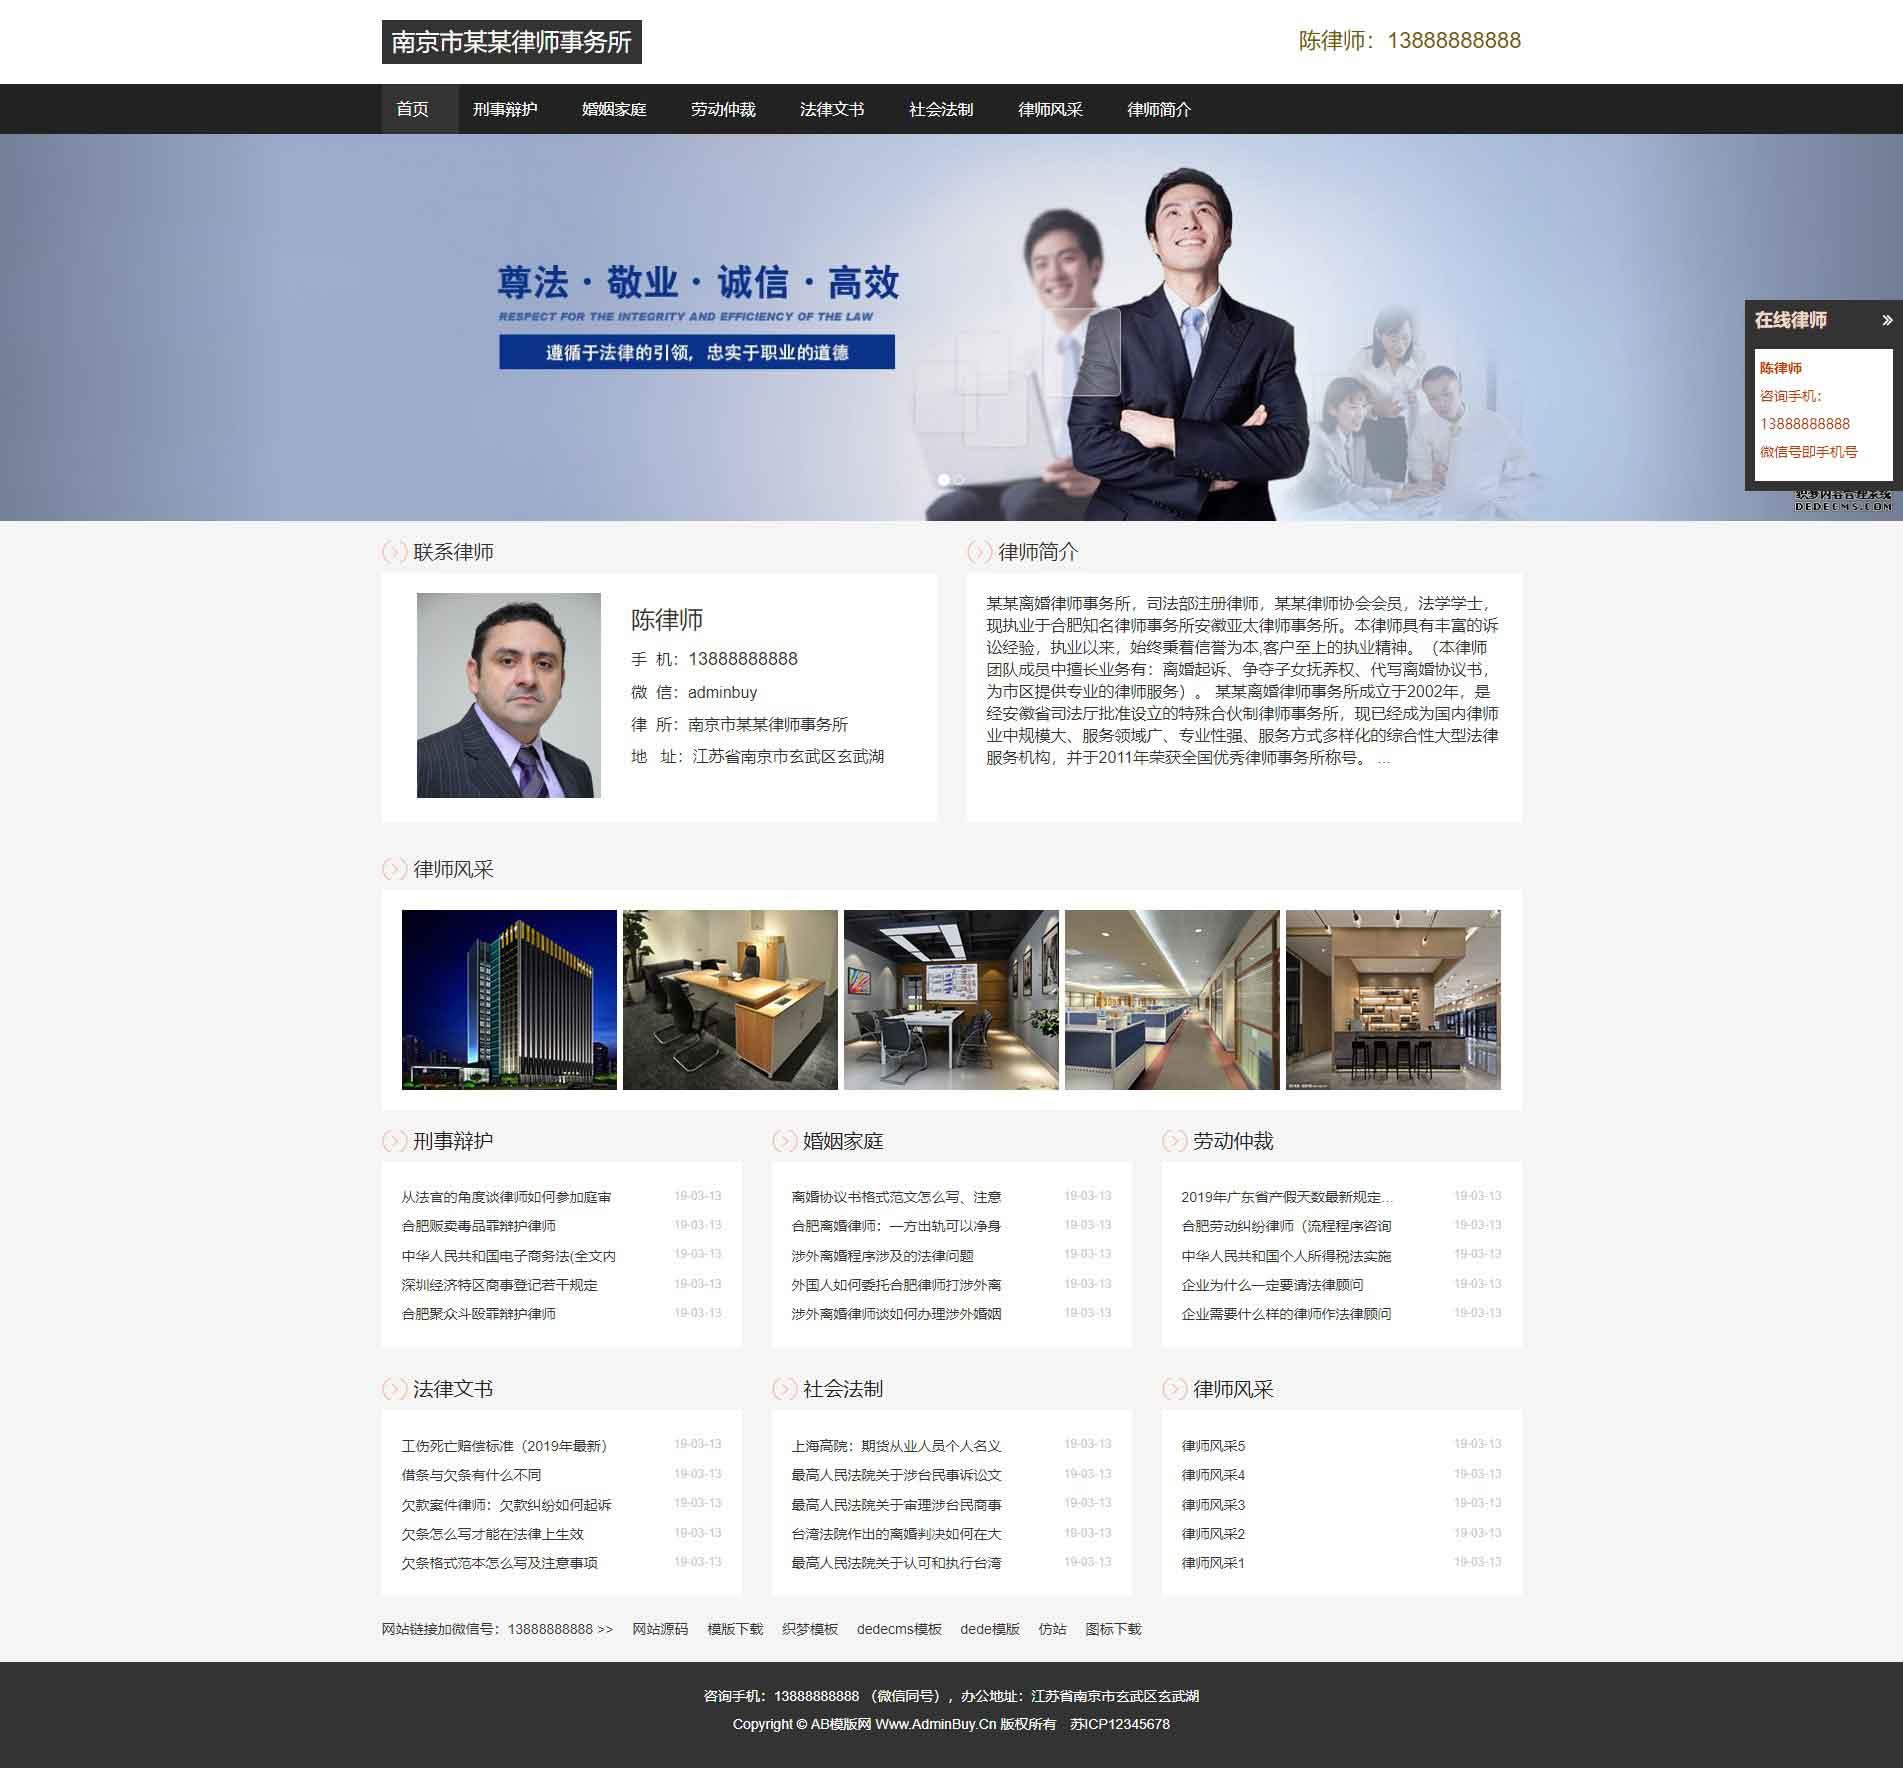 织梦律师事务所模板dedecms企业自适应手机端模板源码